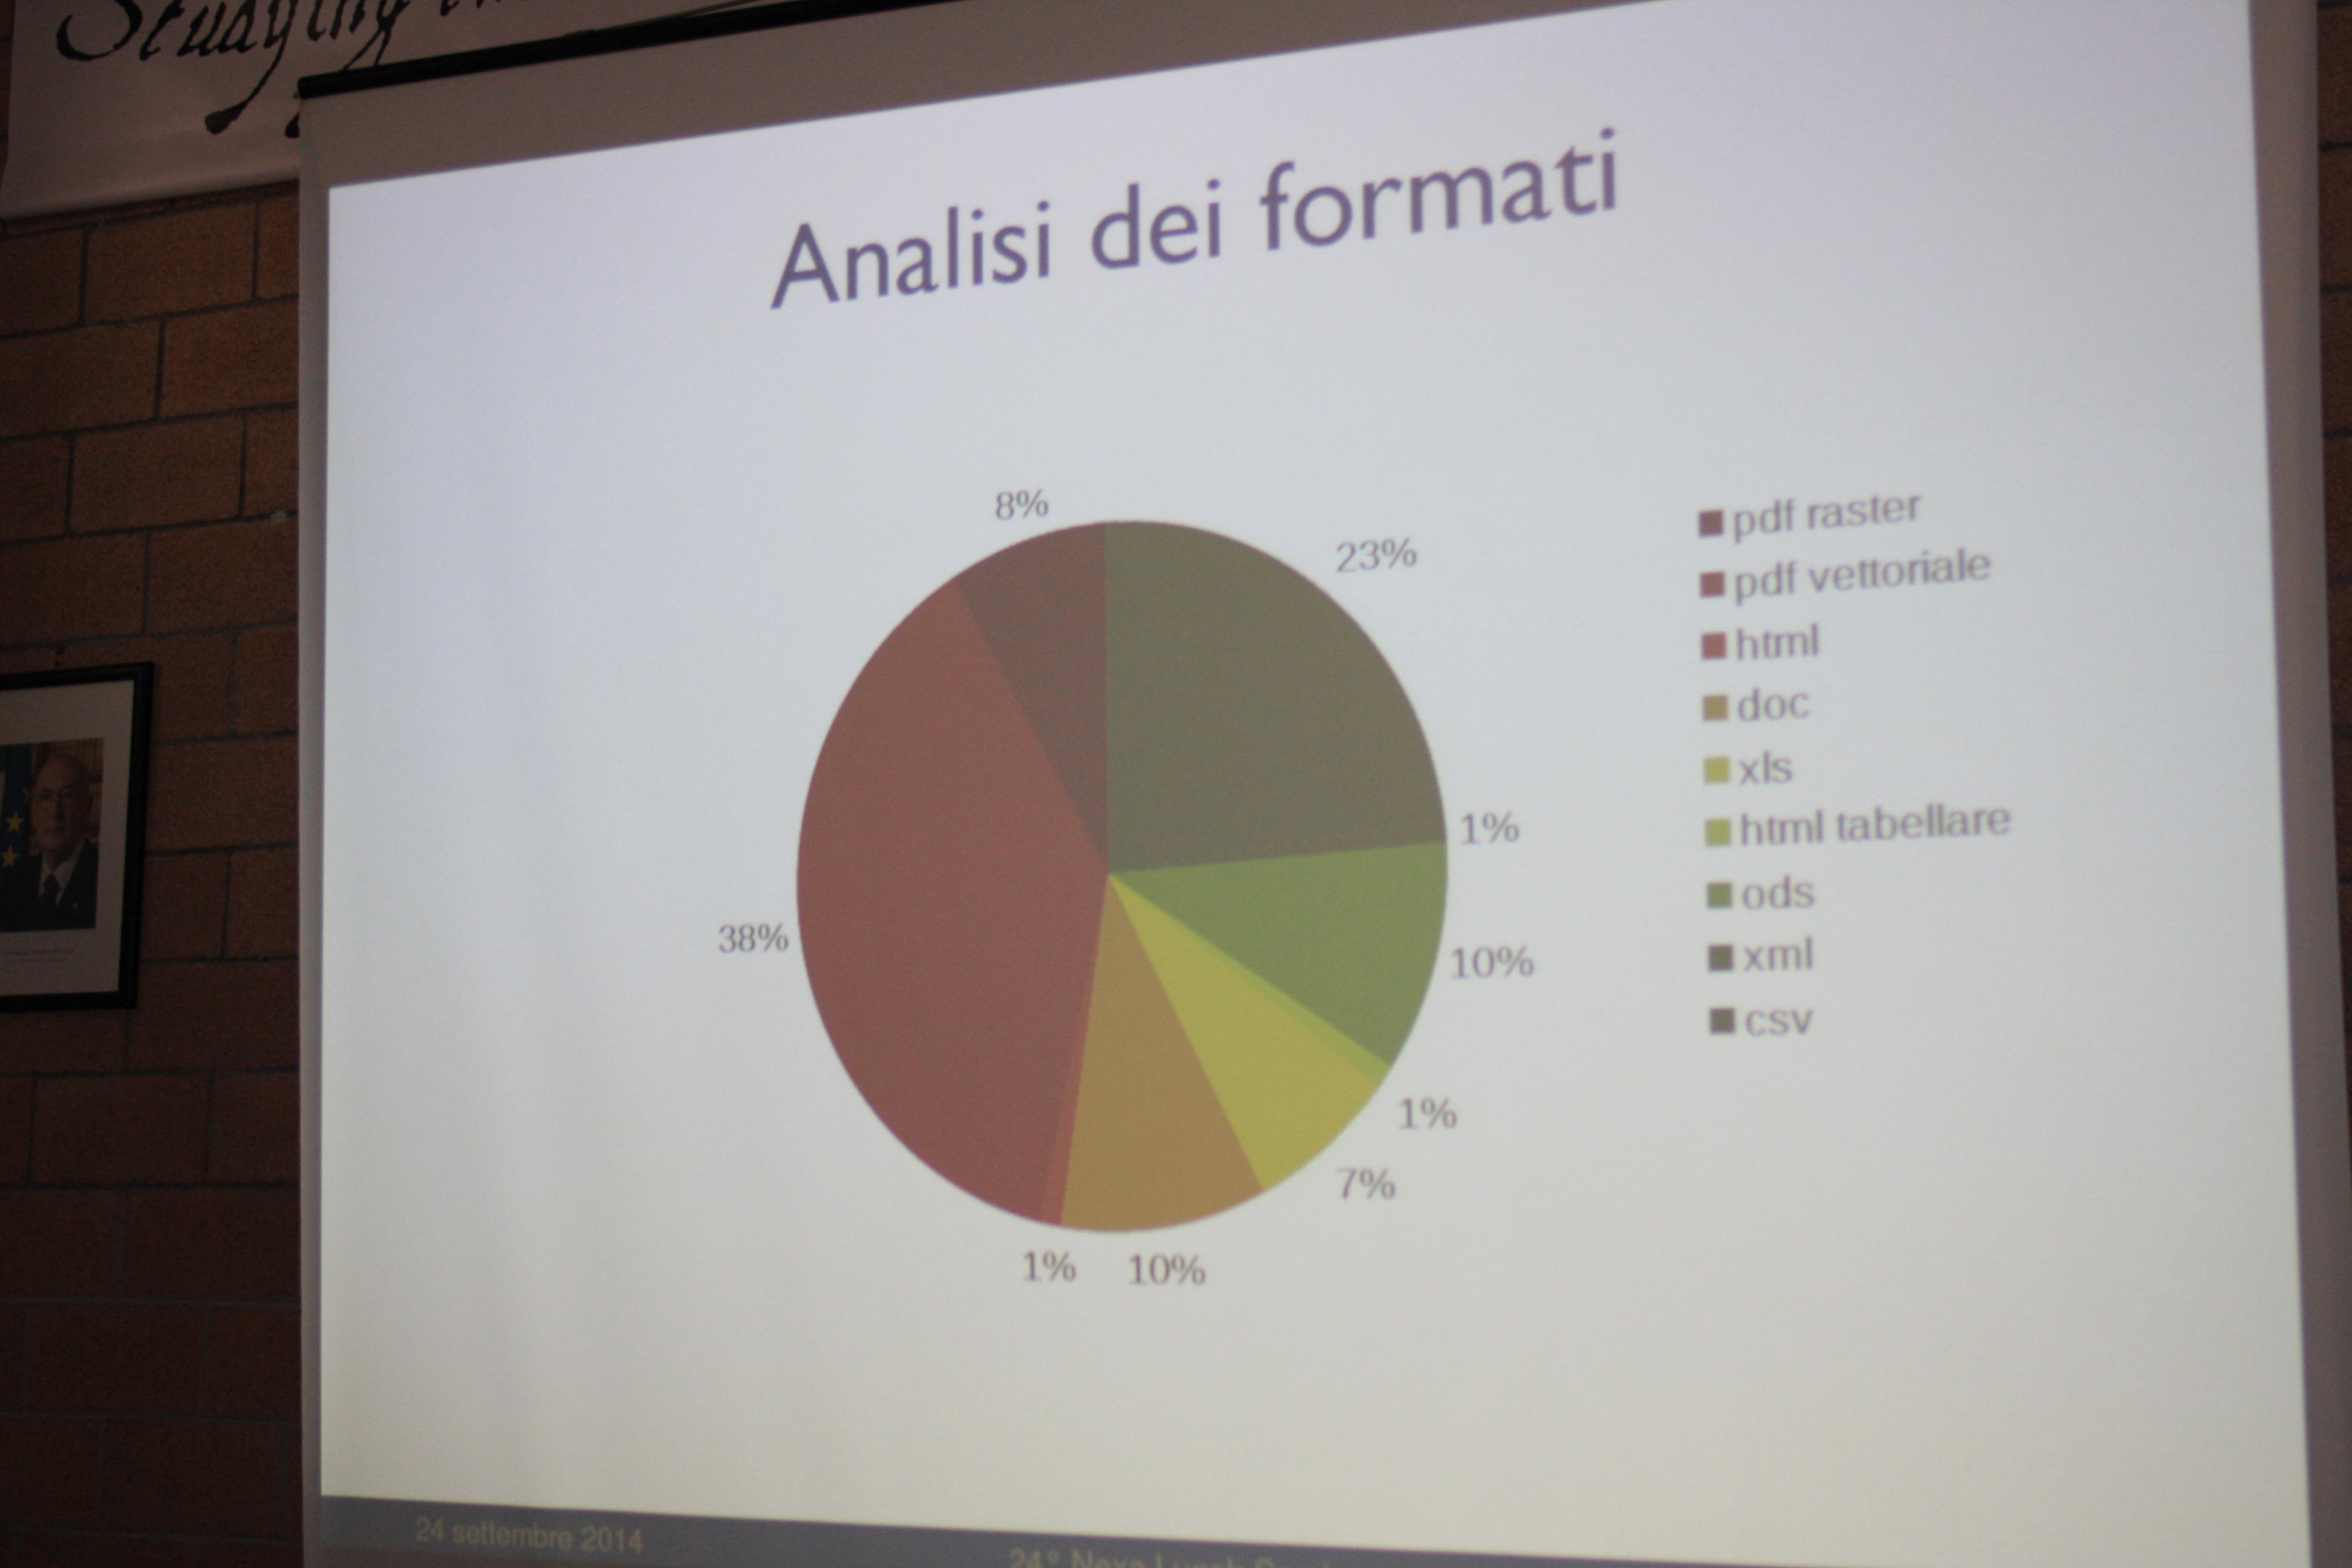 24° Nexa Lunch Seminar - Trasparenza della PA: i primi risultati di un'analisi di dettaglio